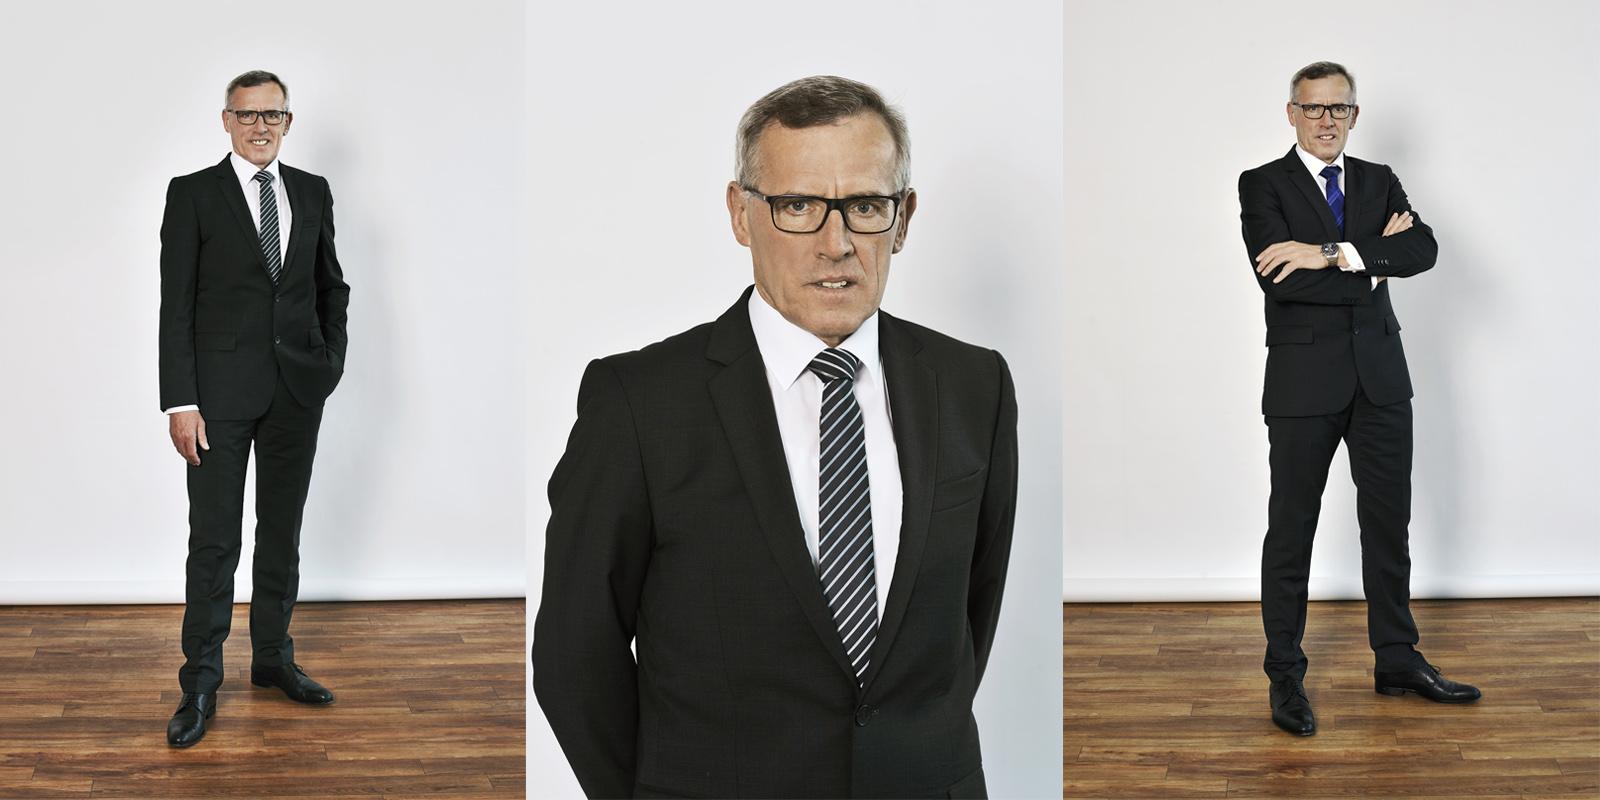 Finanzchef und Betriebswirt Herrenknecht